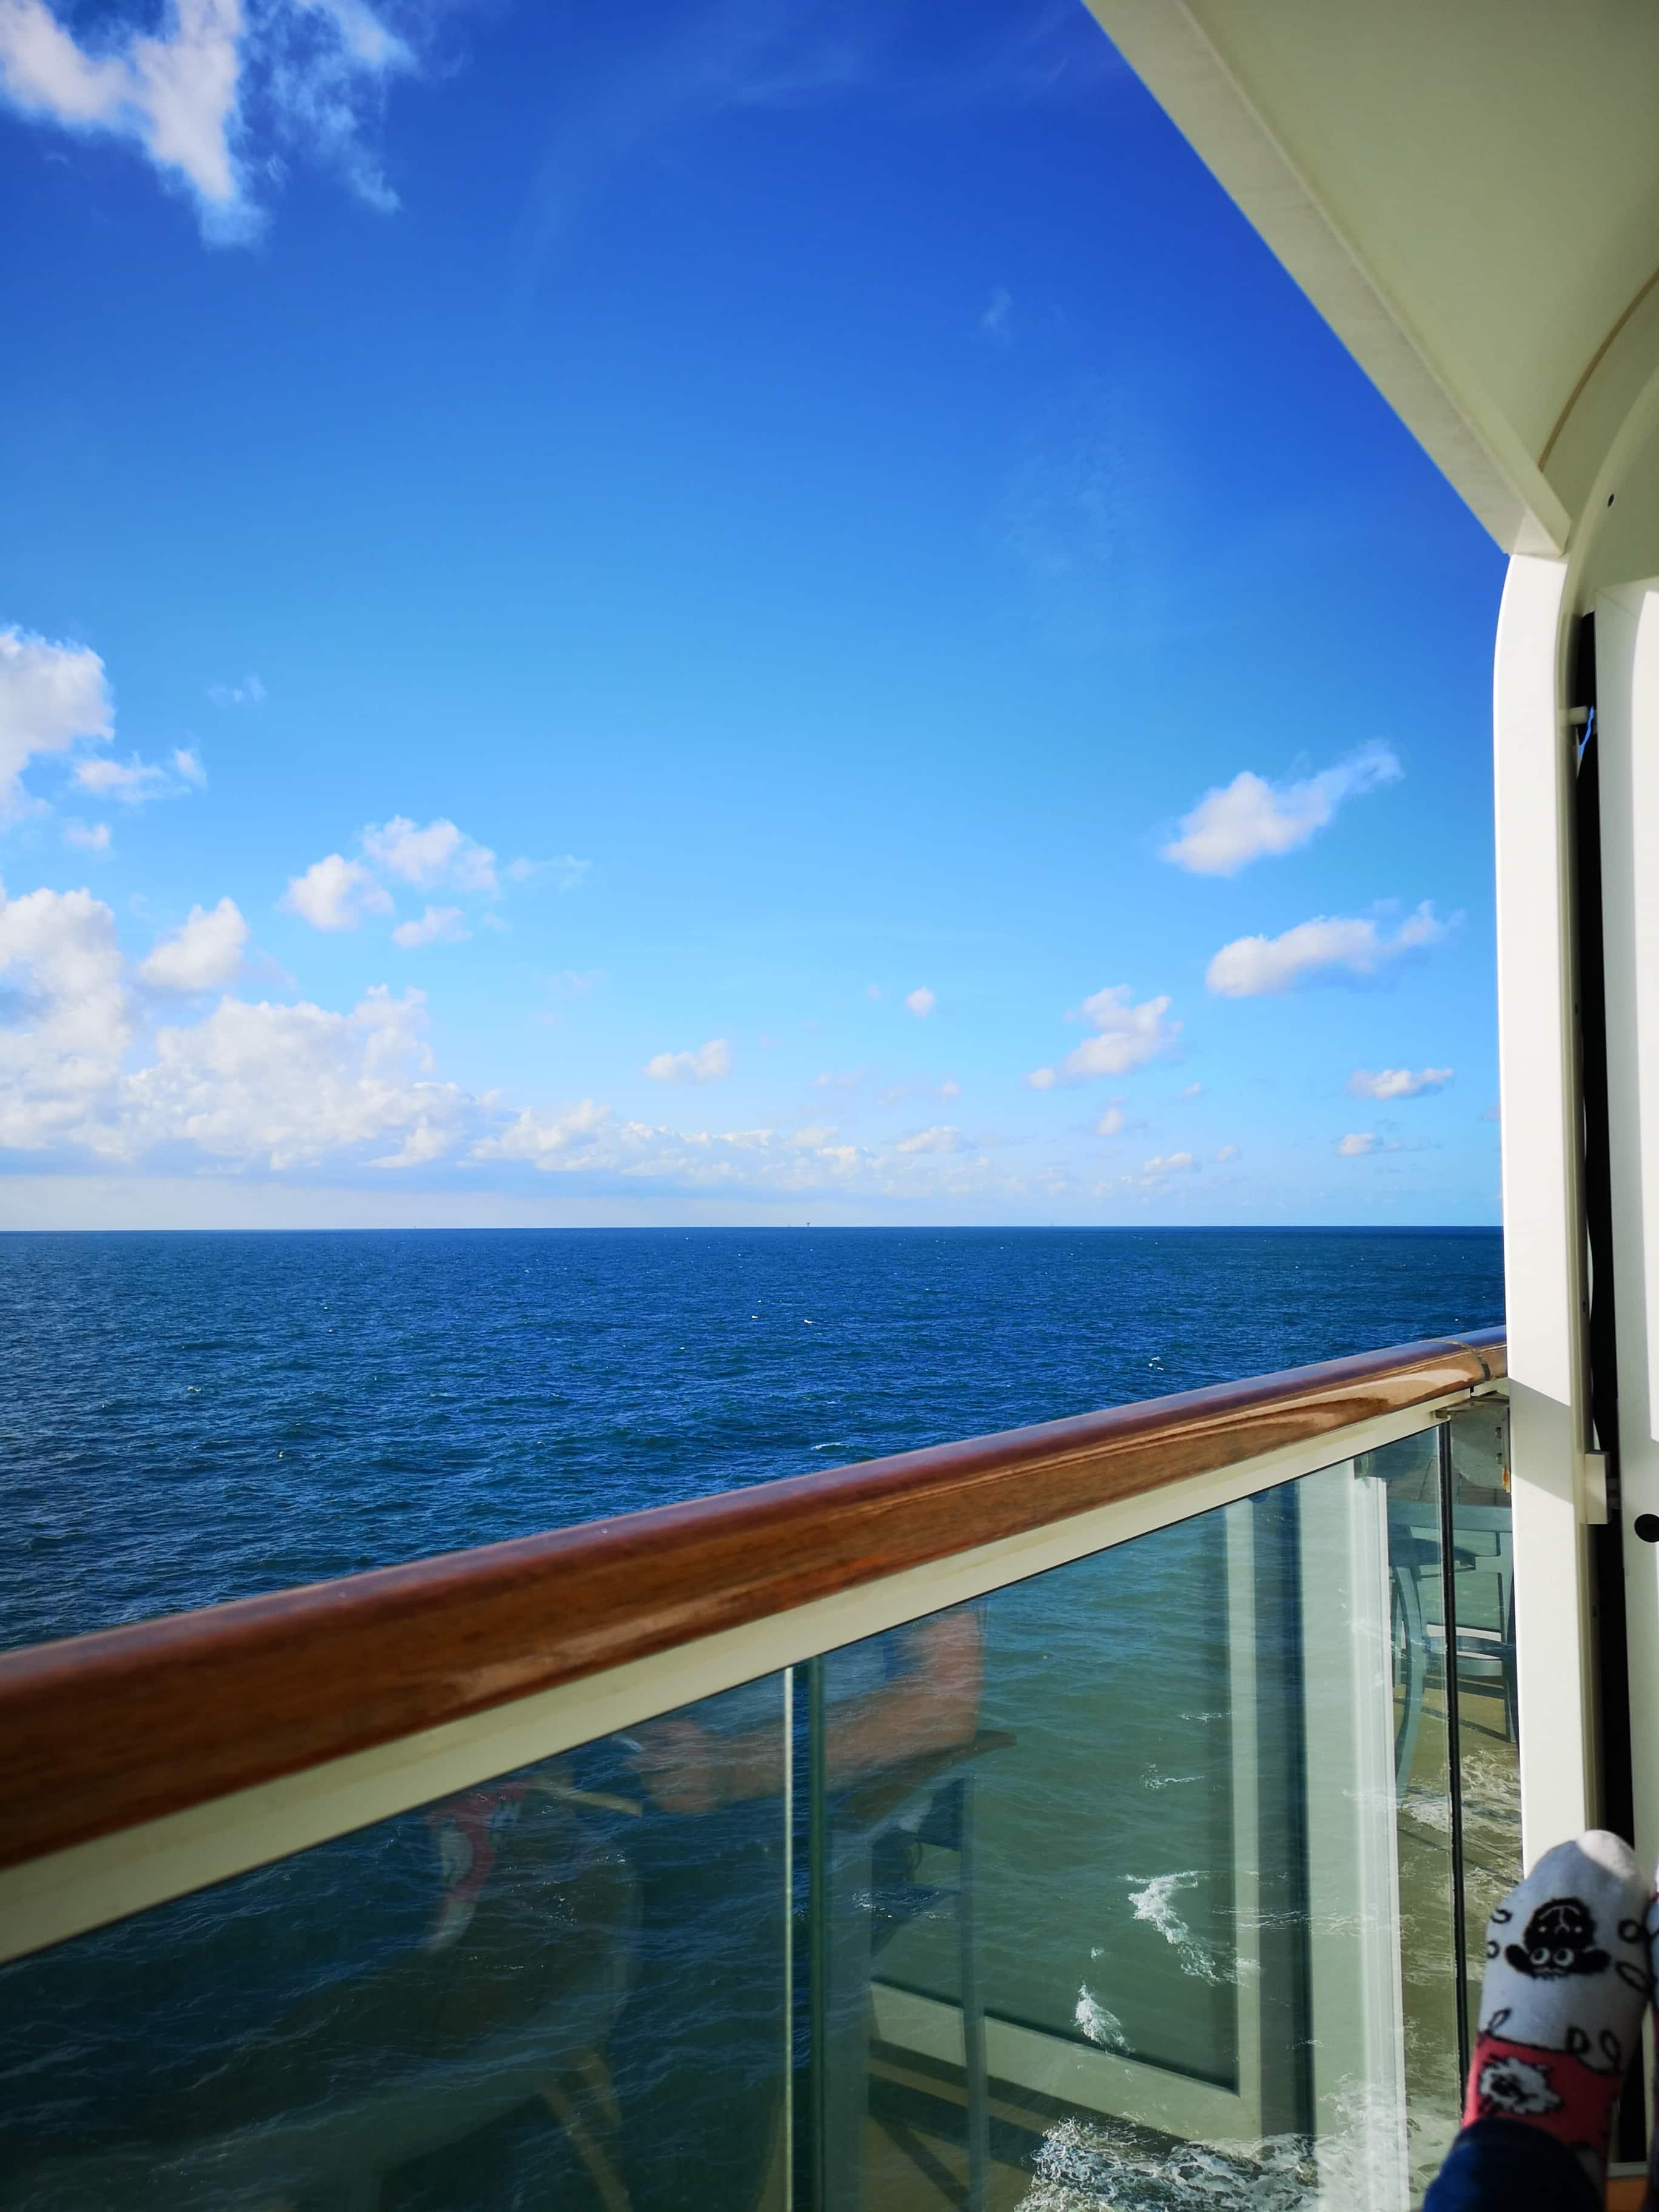 Marella Discovery Cruise Ship Balcony Ocean View